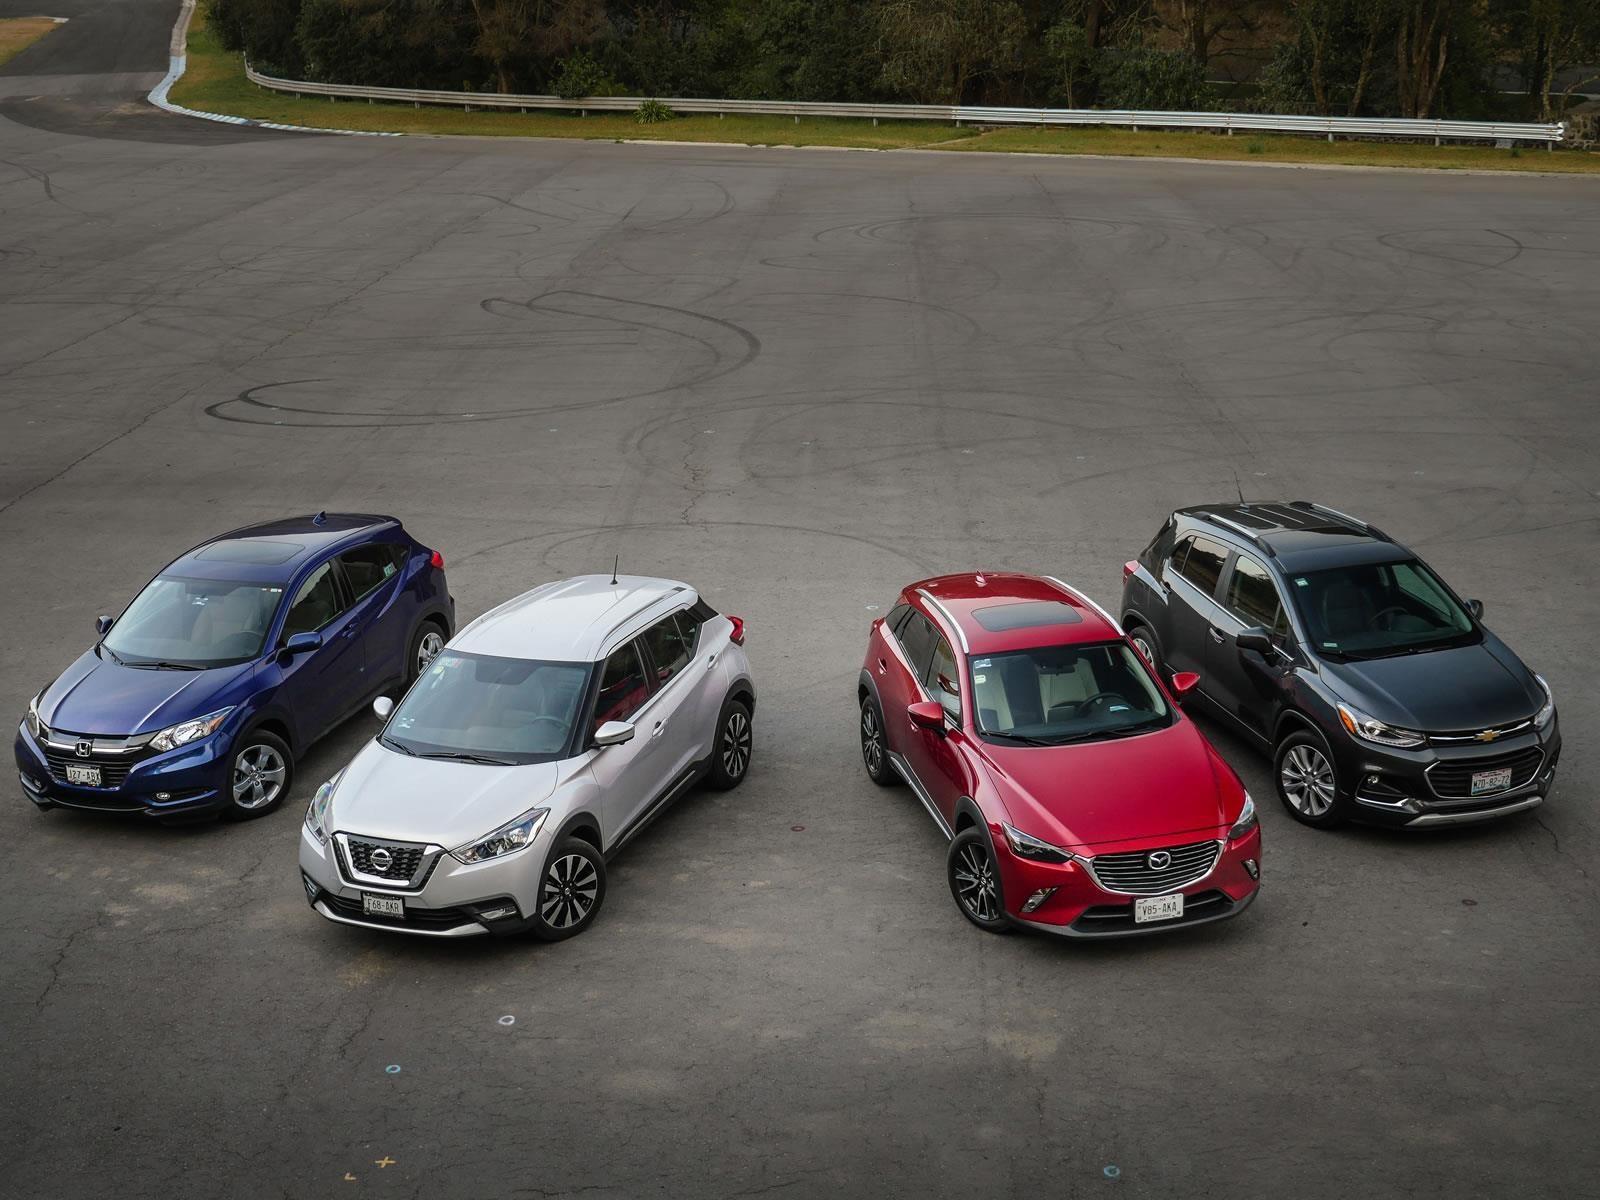 Comparativa: Chevrolet Trax vs Honda HR-V vs Nissan Kicks vs Mazda CX-3